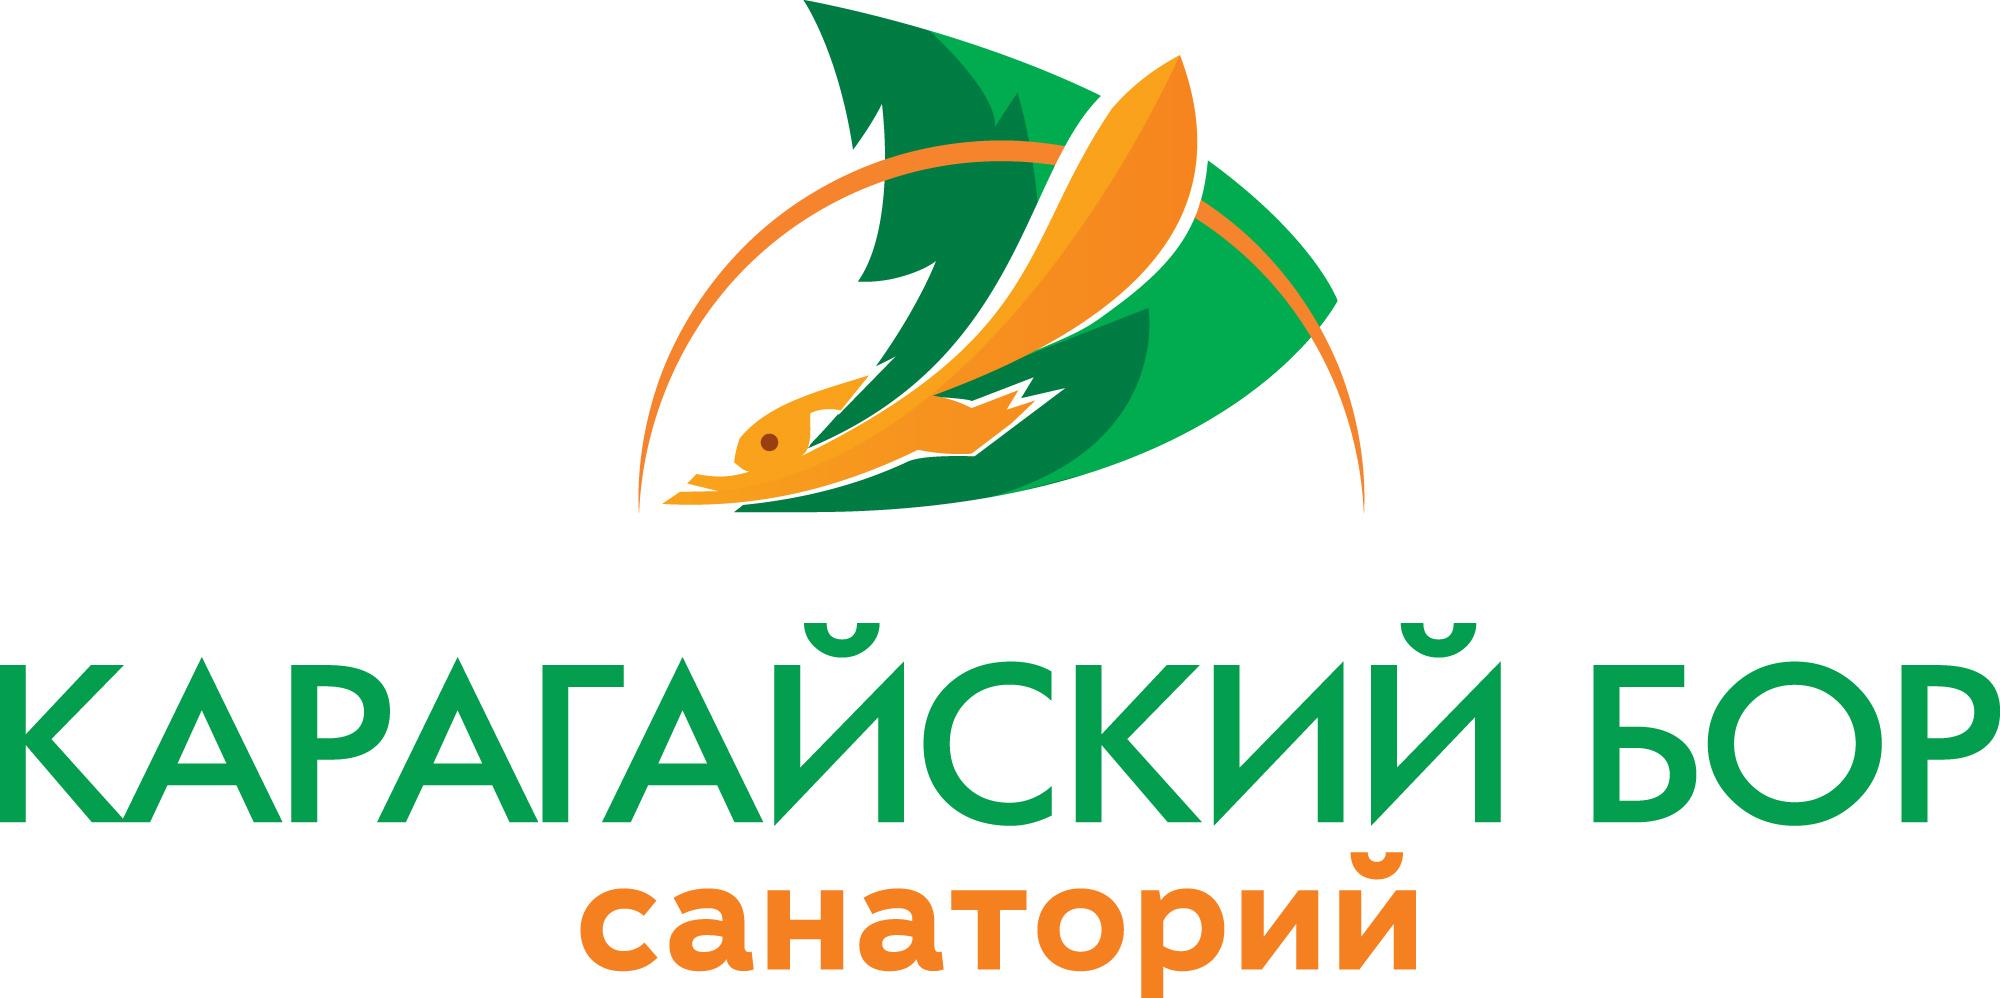 Санаторно-курортный комплекс «Карагайский бор»